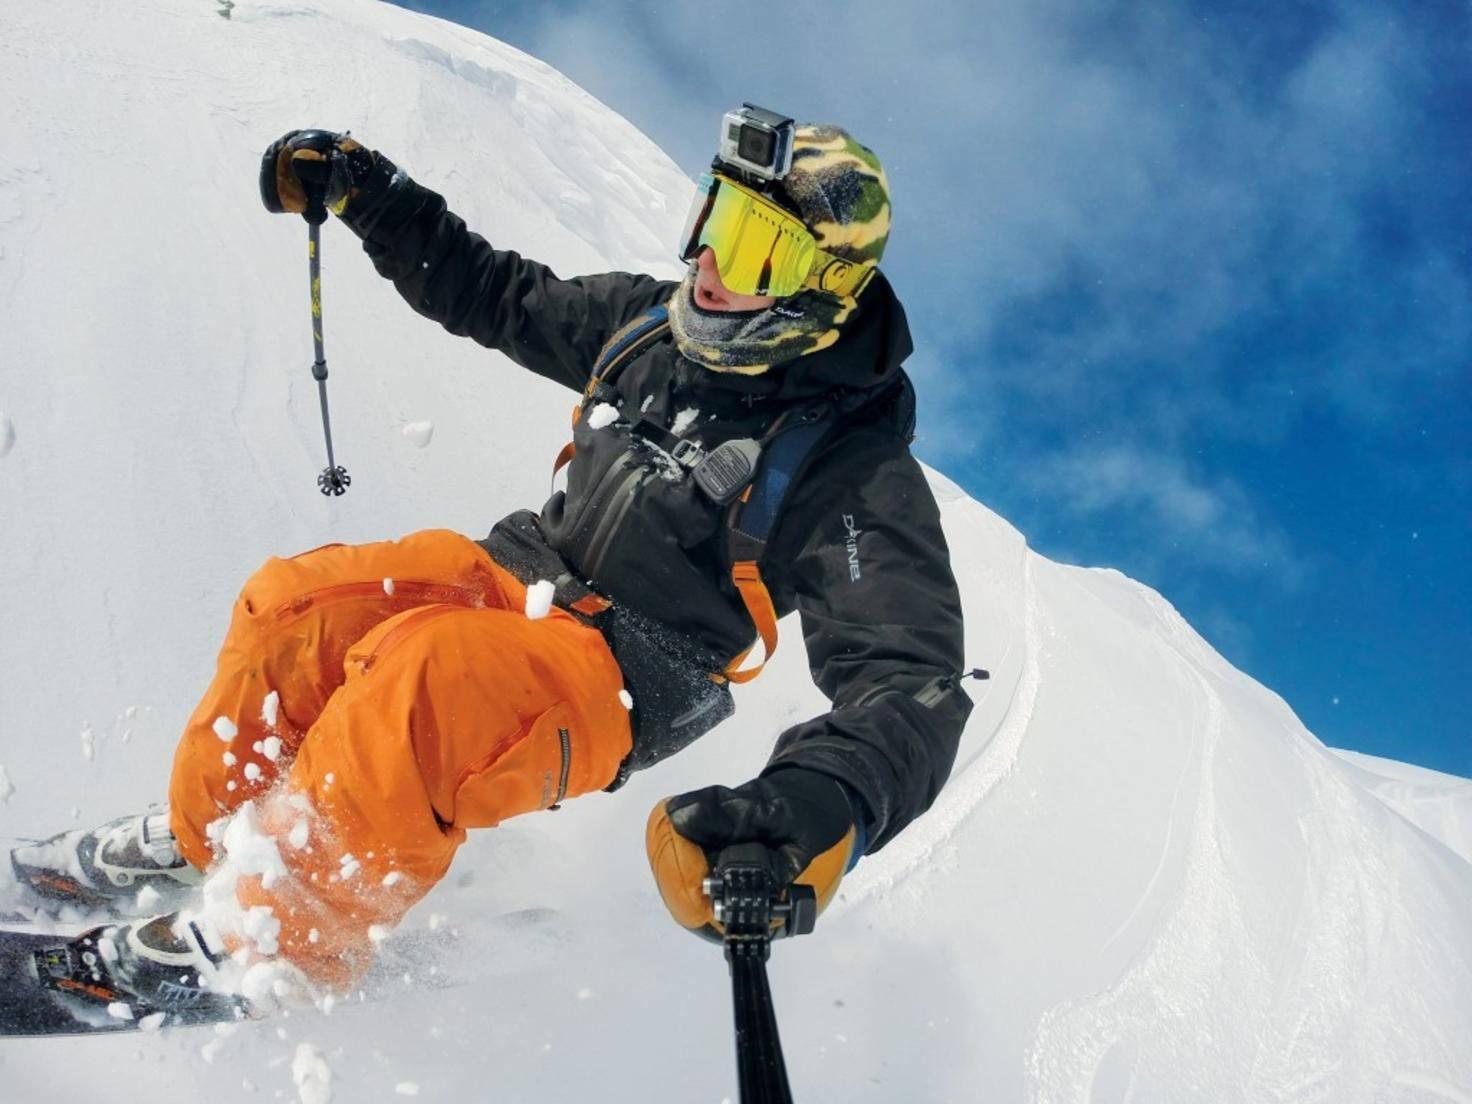 GoPro-Tipps fürs Skifahren